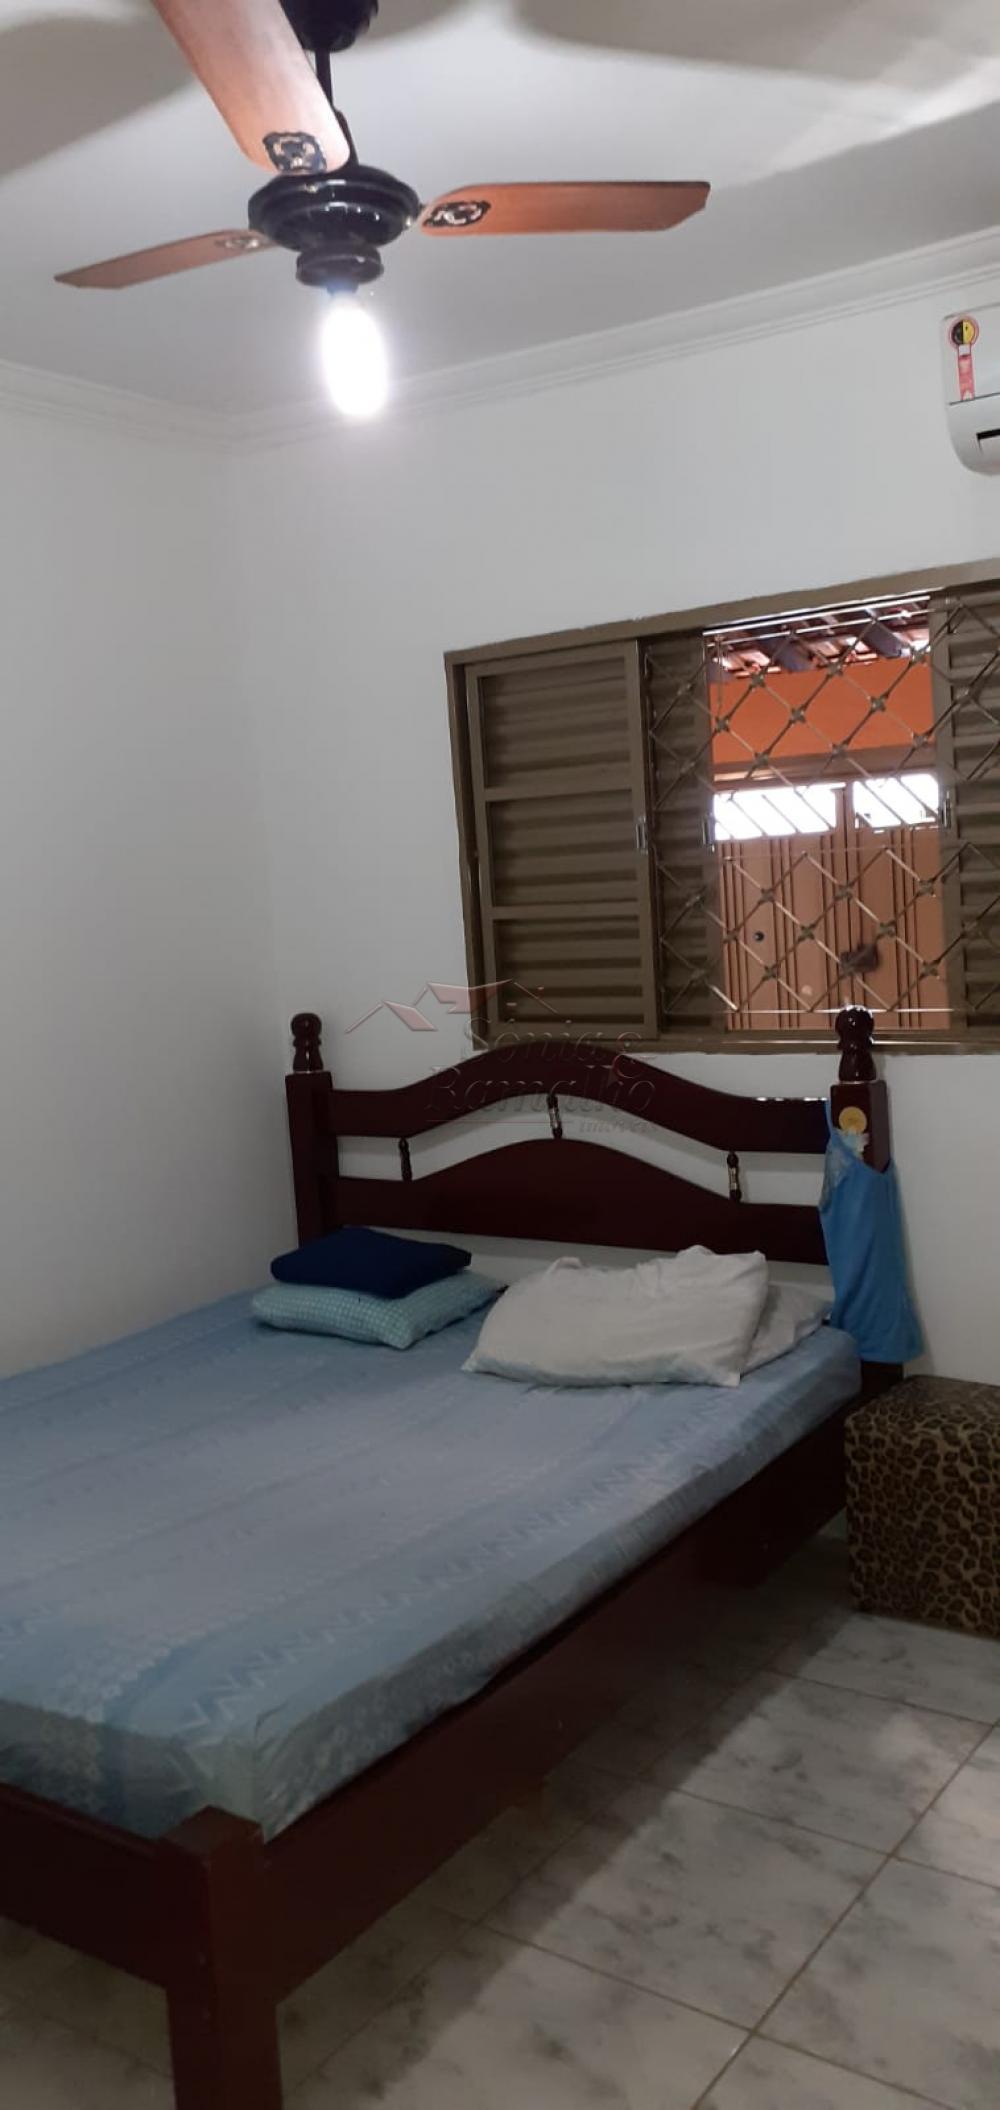 Comprar Casas / Padrão em Ribeirão Preto apenas R$ 200.000,00 - Foto 16